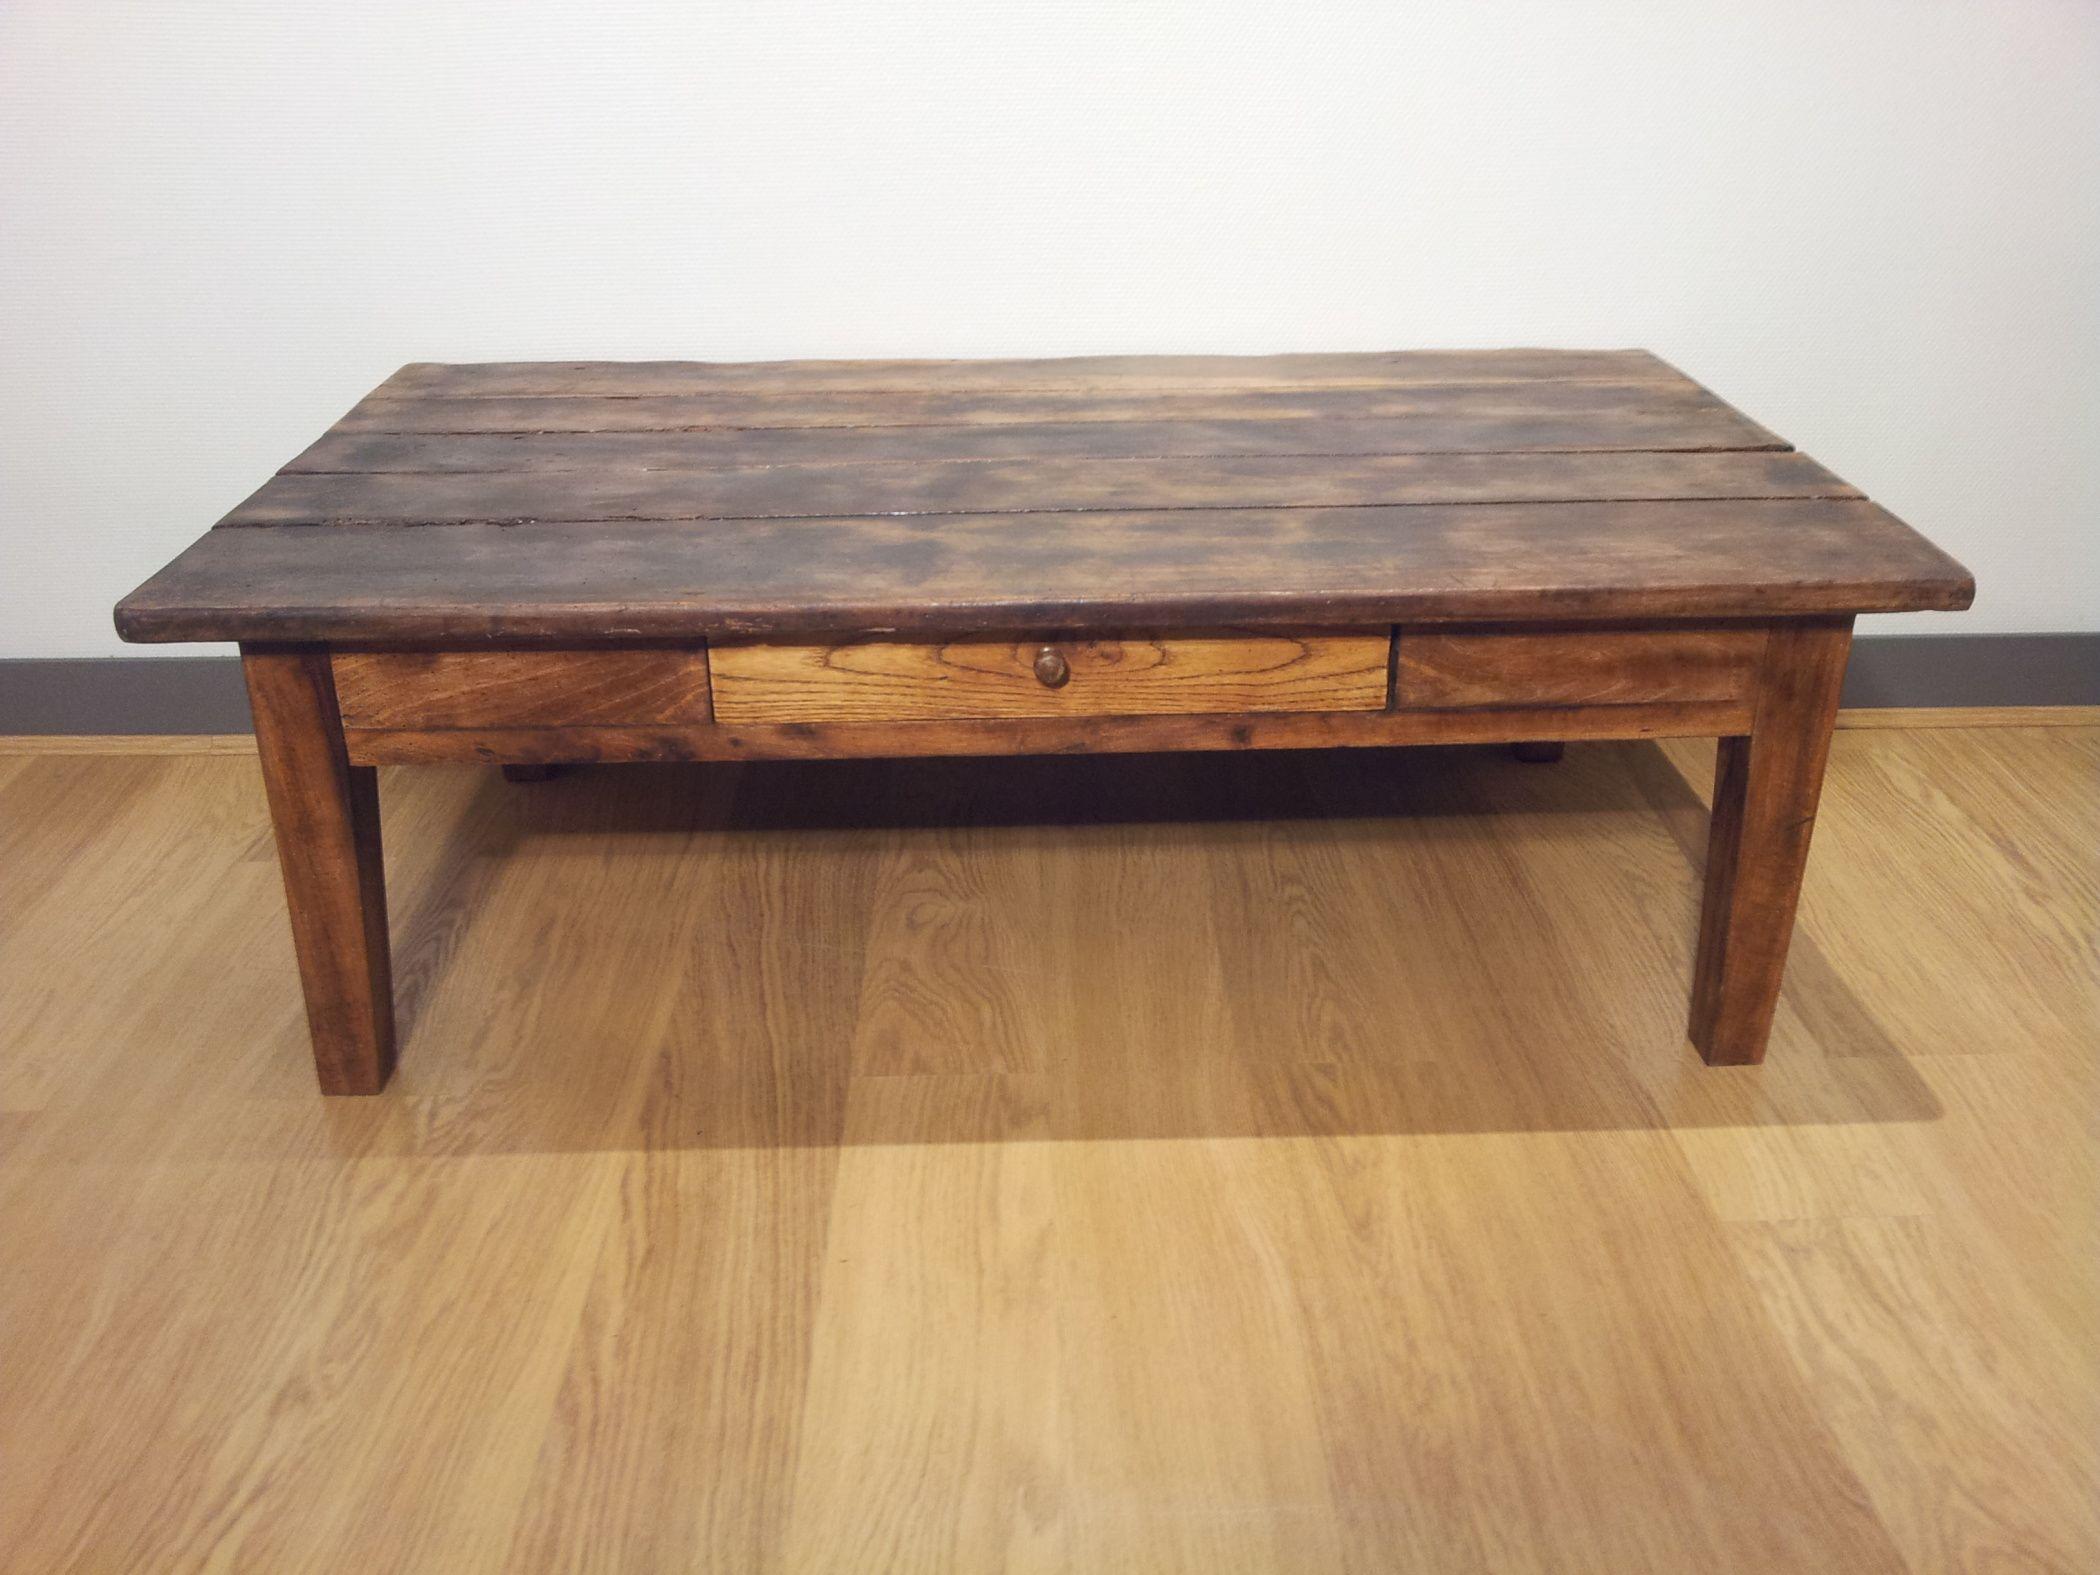 table basse ancienne en bois 450 euros vendue deco pinterest tables basses anciennes. Black Bedroom Furniture Sets. Home Design Ideas